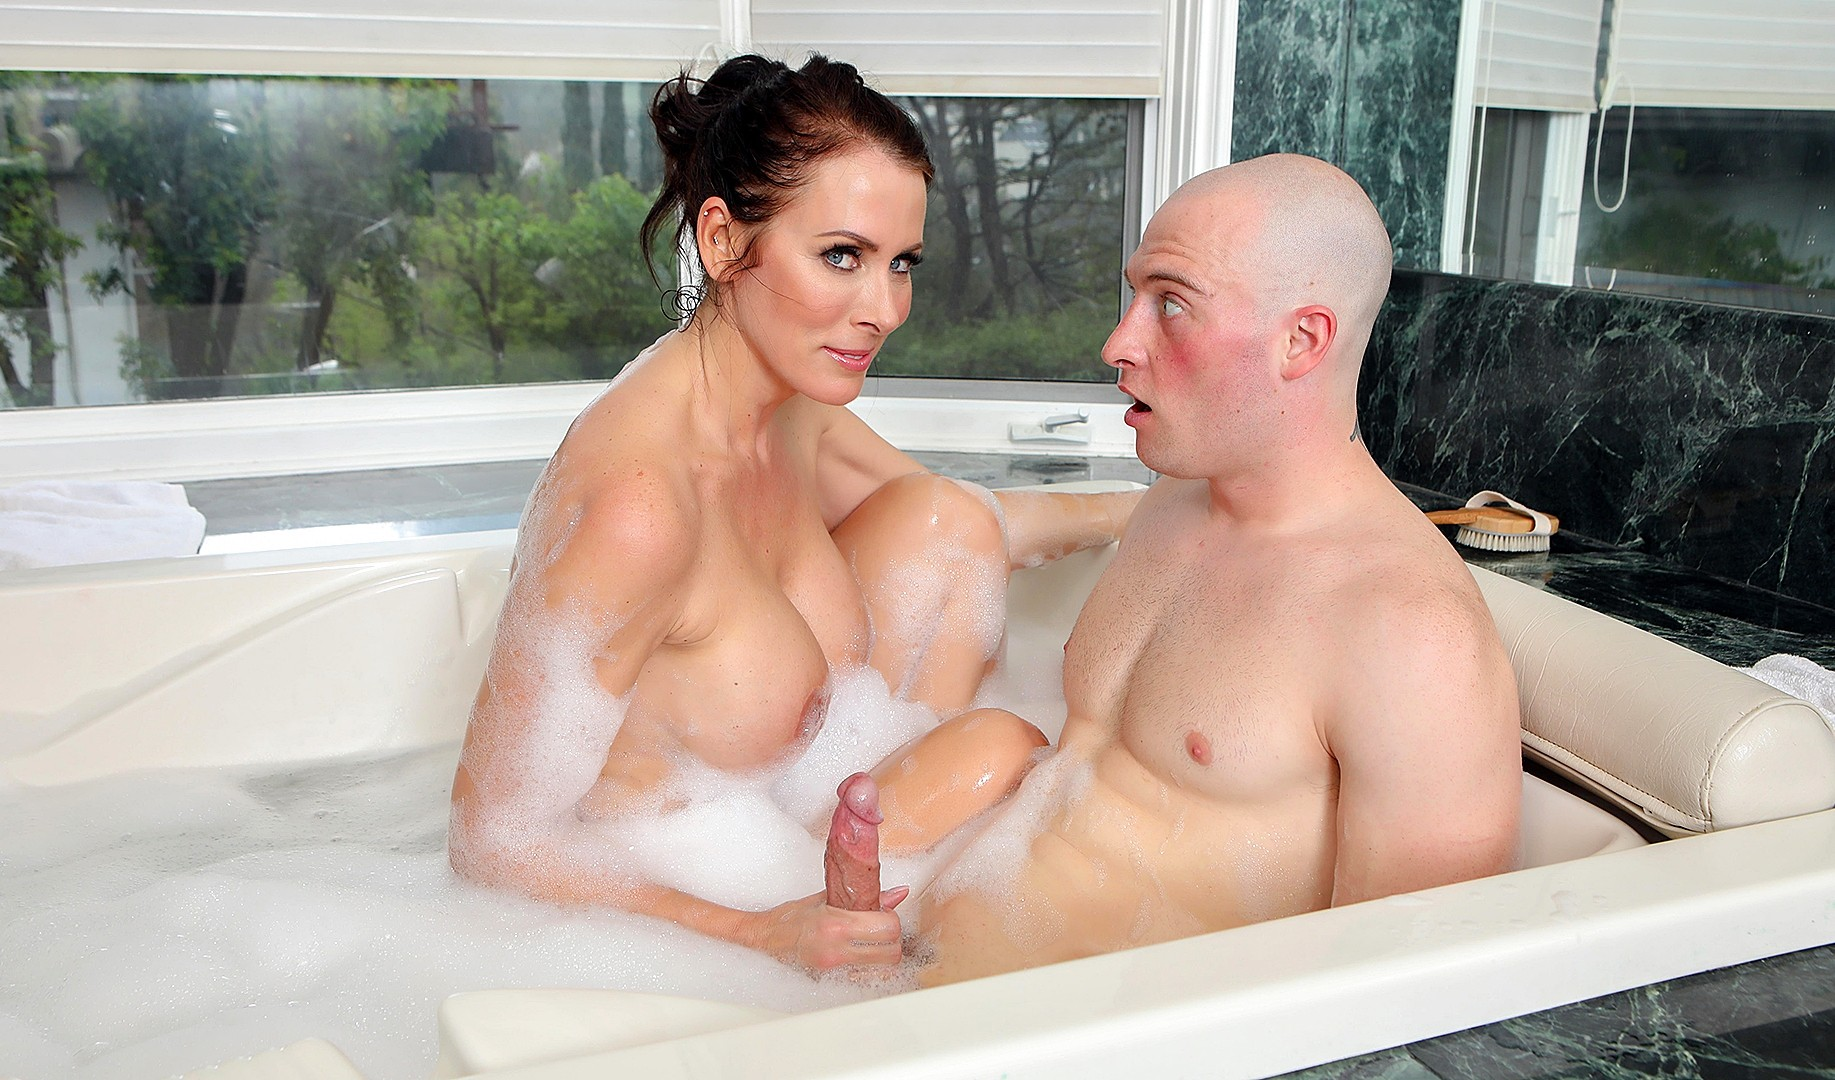 Мачеха и пасынок порно видео hd в ванной